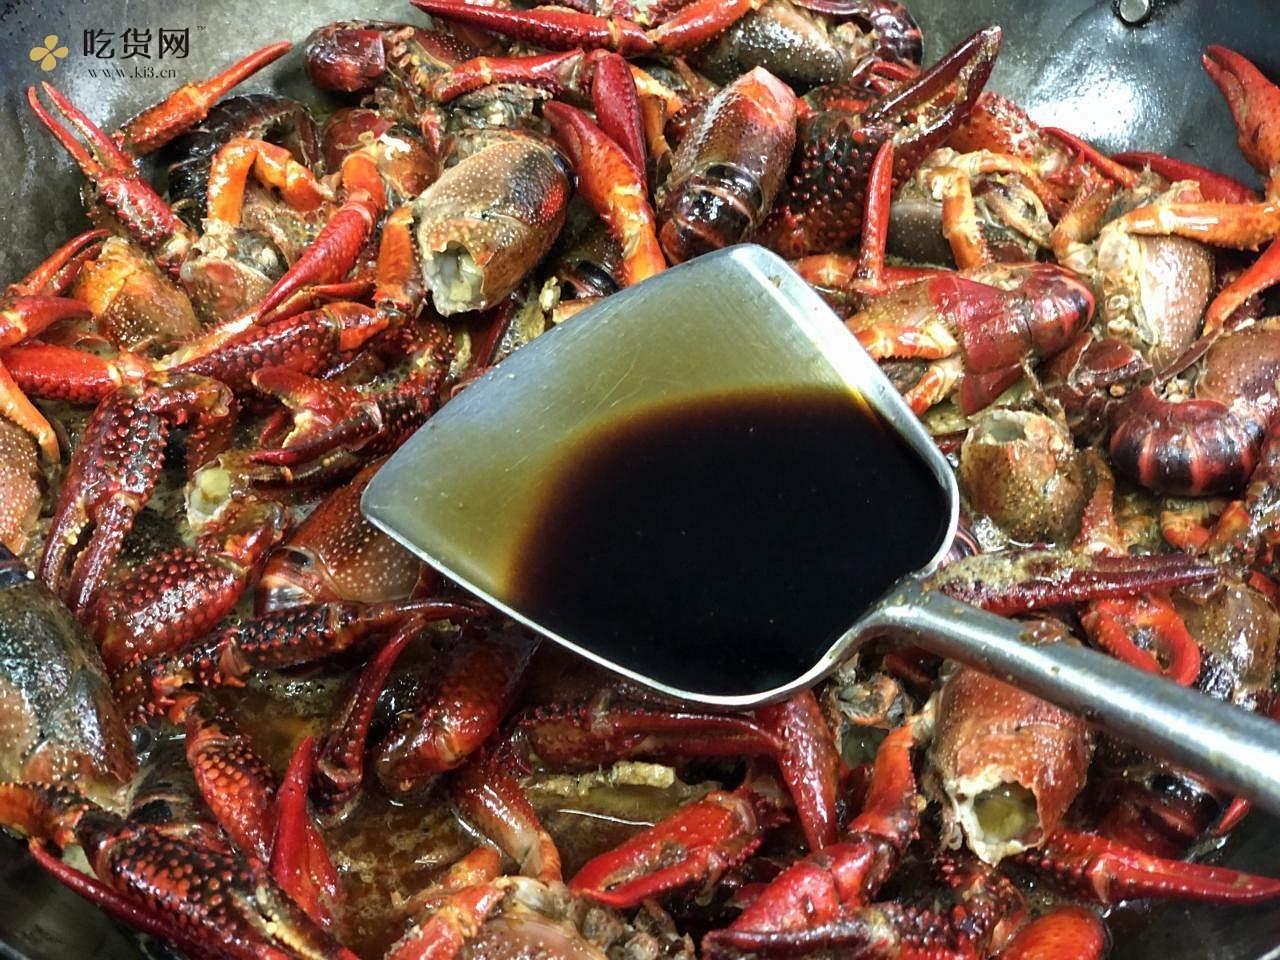 麻辣小龙虾-夏天的味道的做法 步骤6